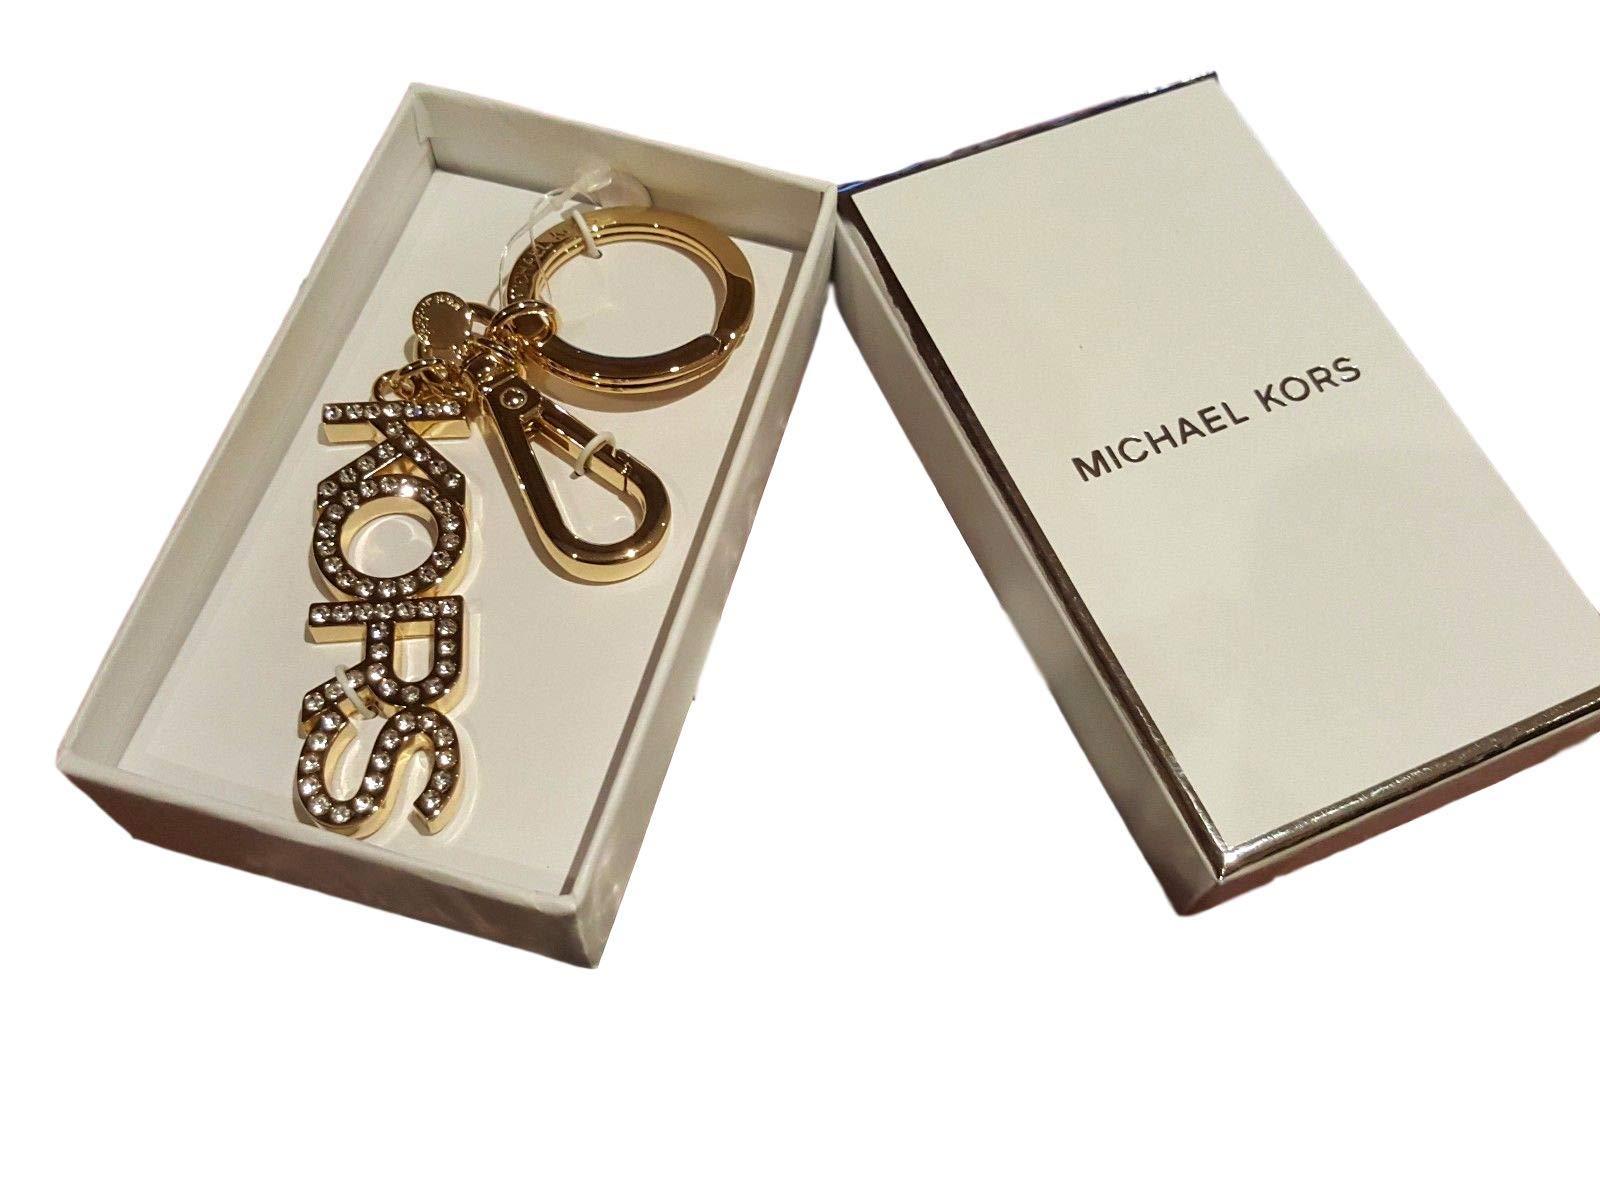 Michael Kors # KORS Bag Swag Key Charm Gold/Crystal Keychain